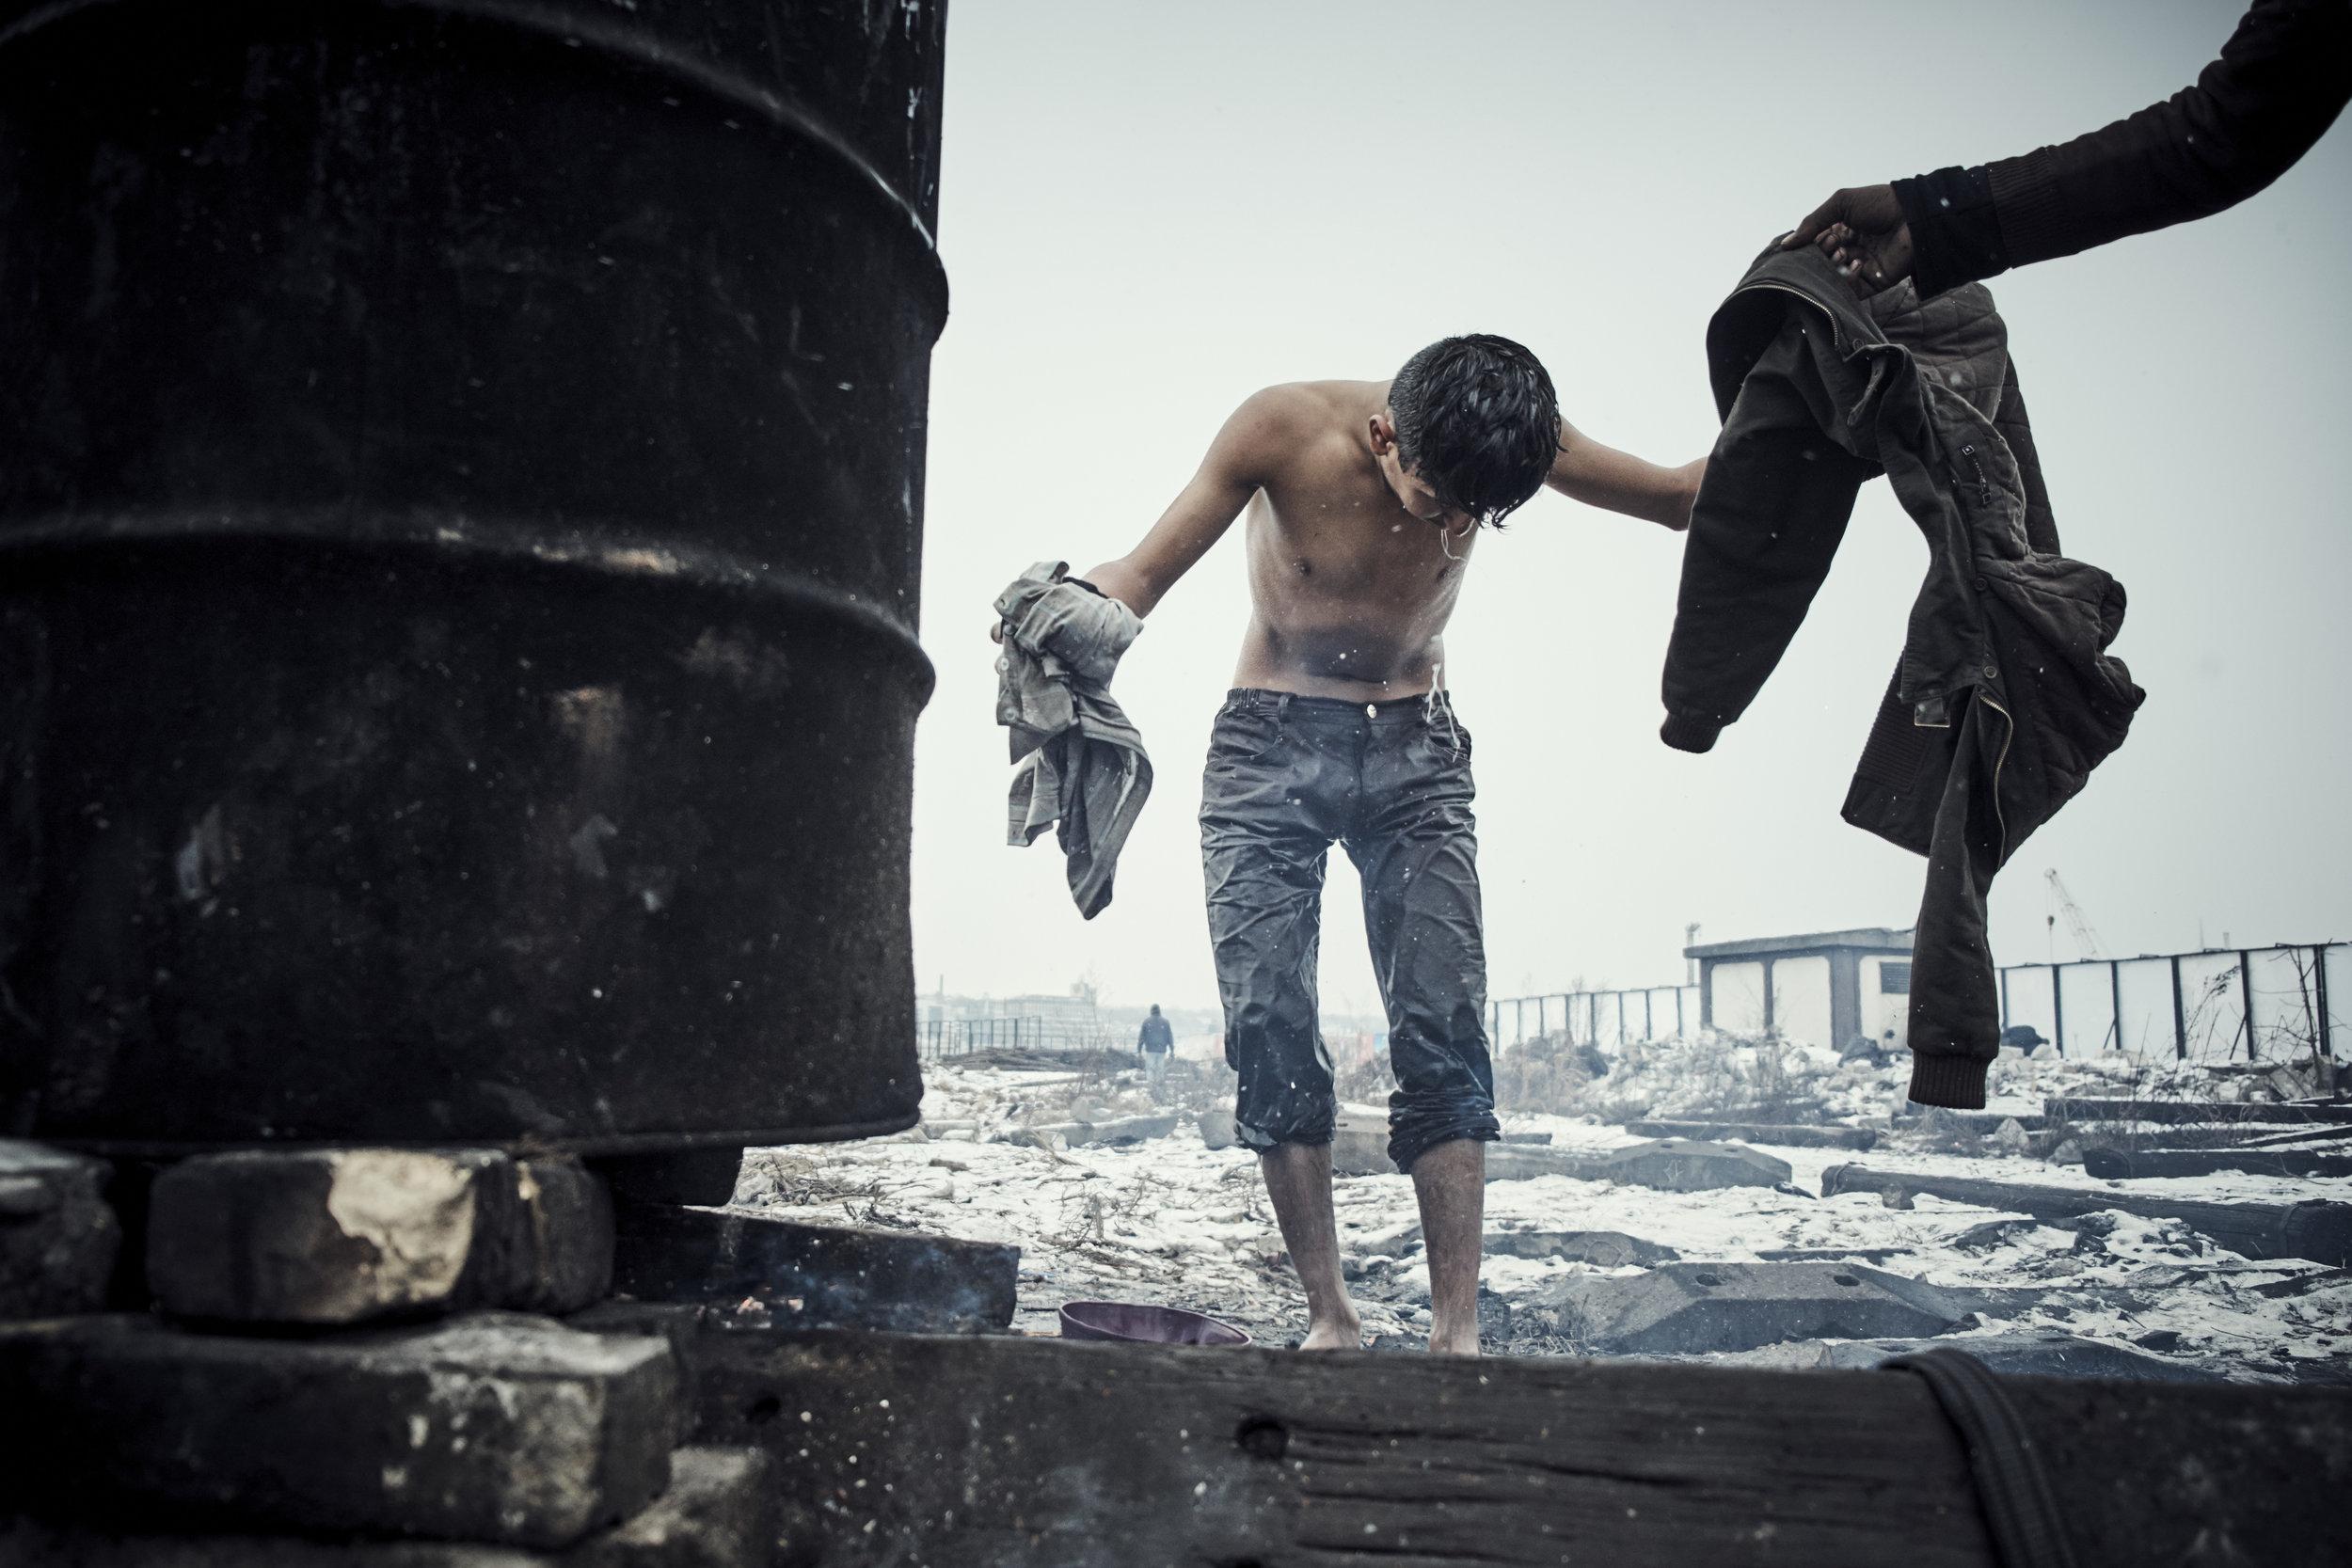 unofficial refugee camp in Belgrade